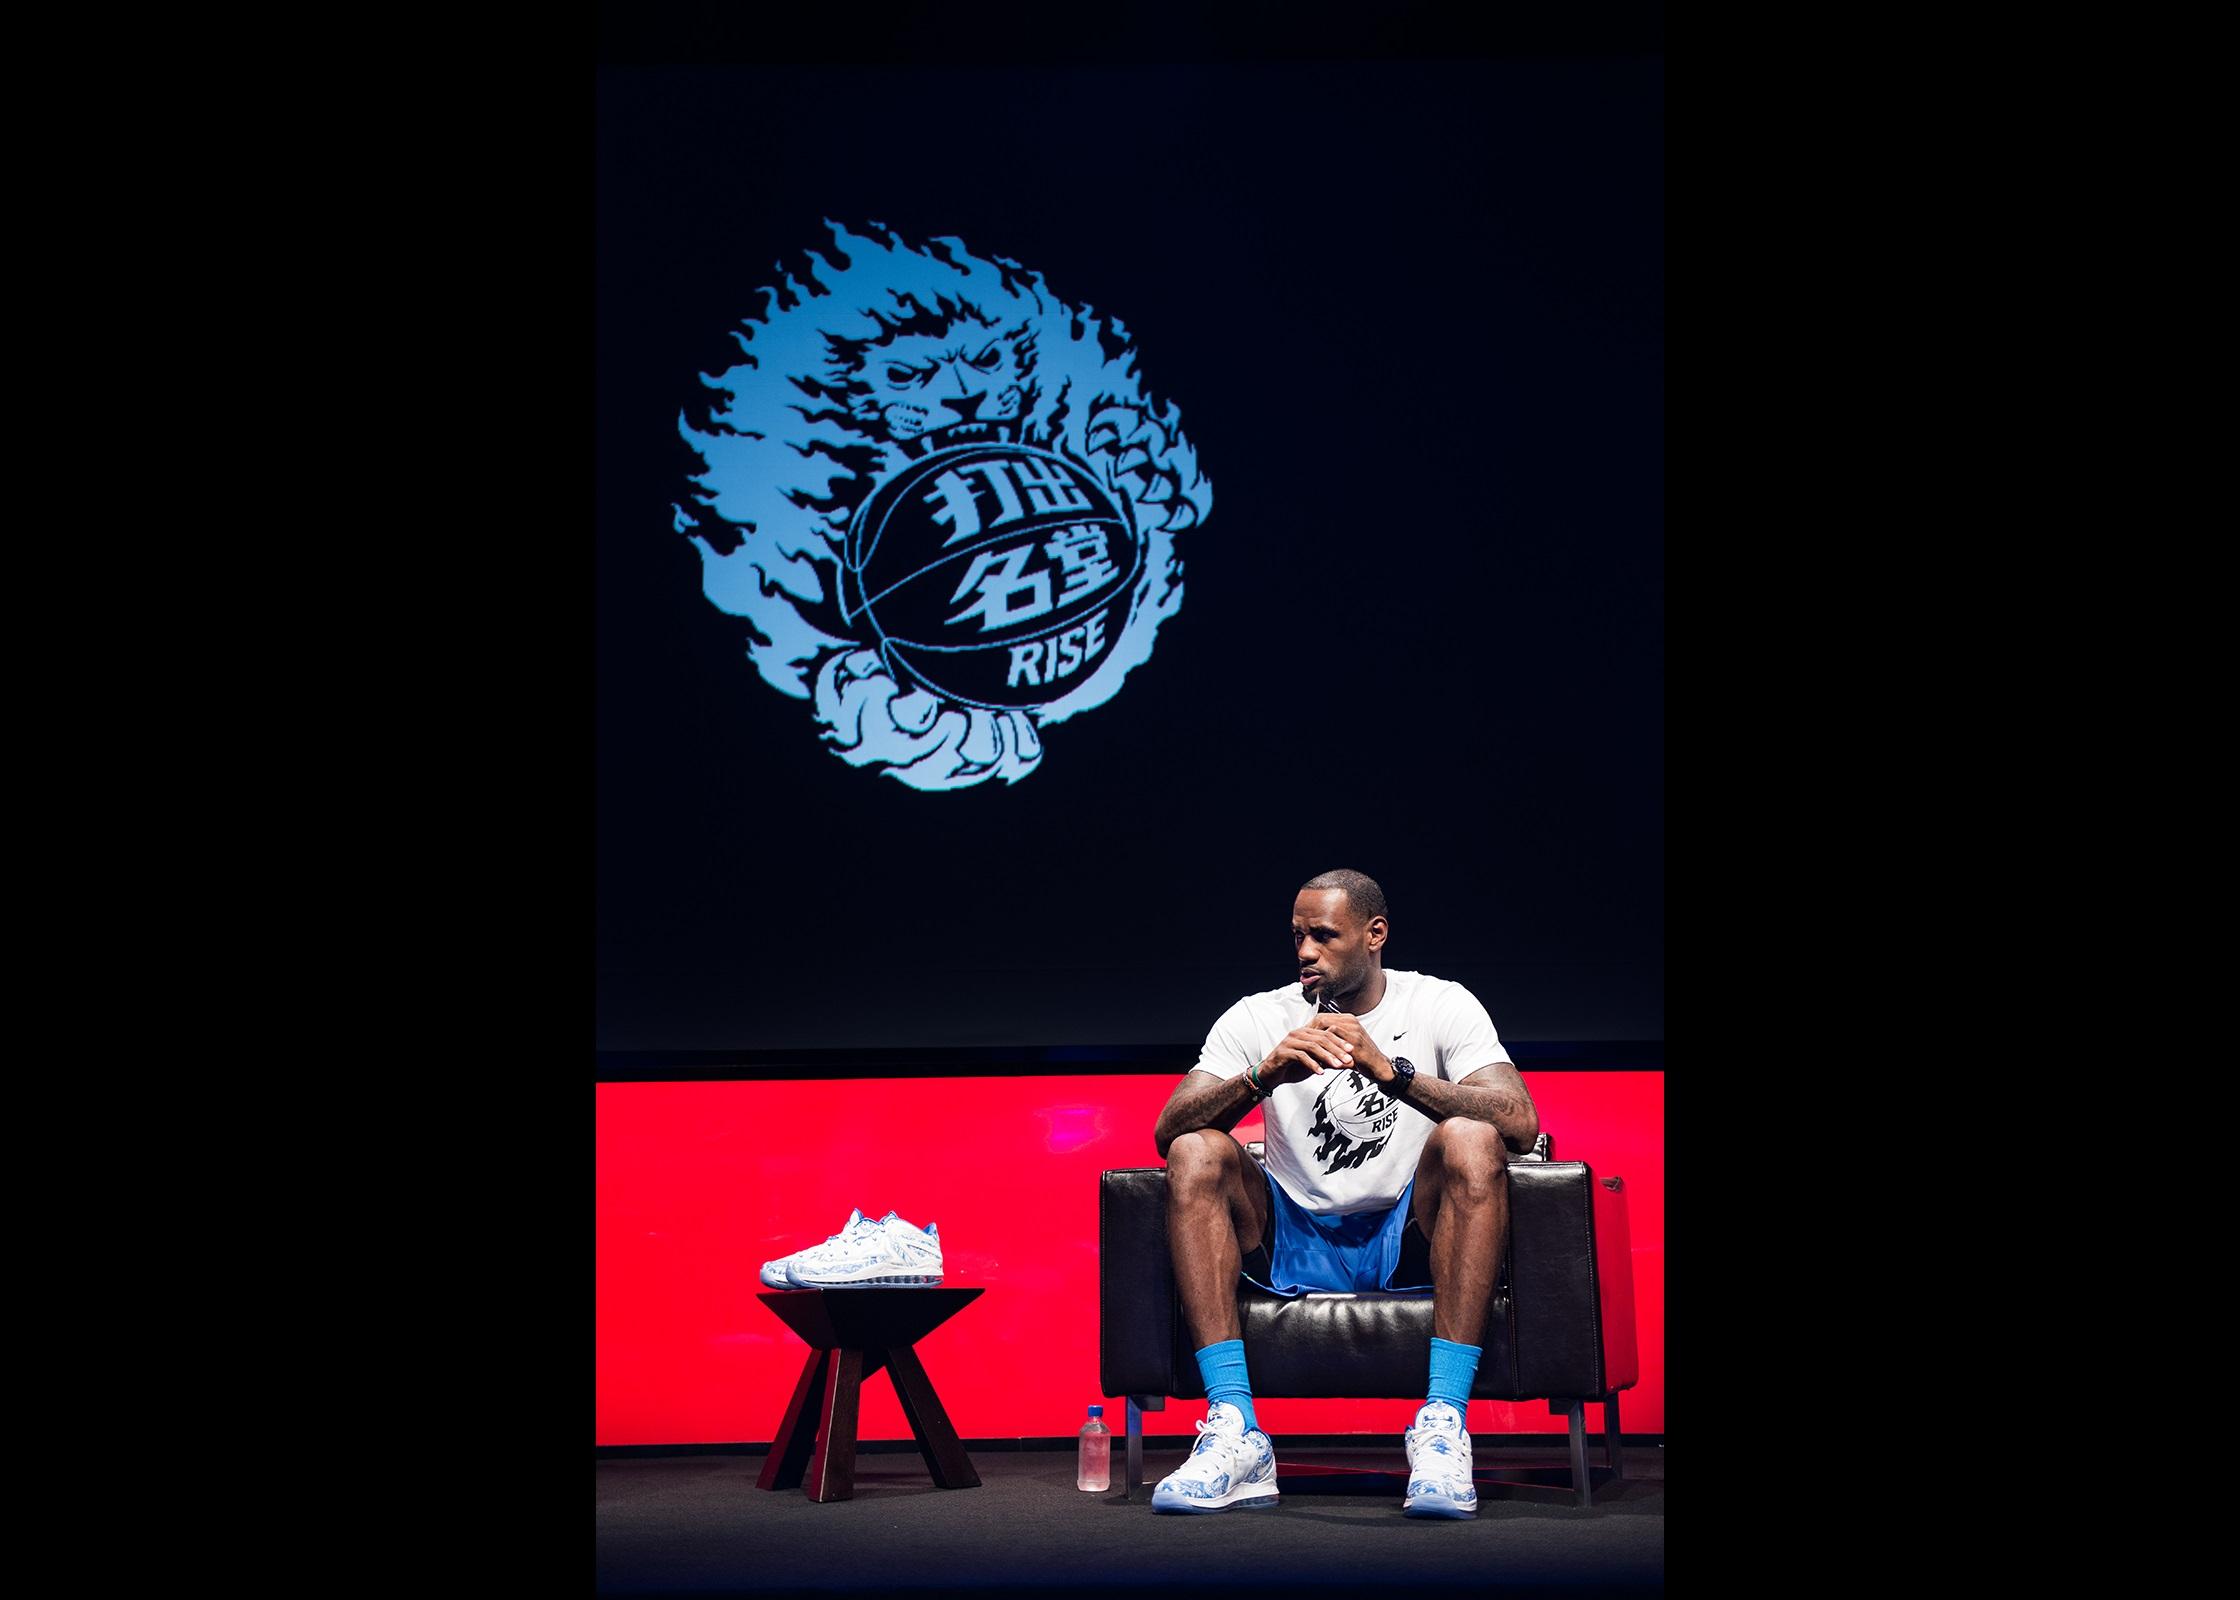 耐克篮球运动员勒布朗·詹姆斯助力篮球少年